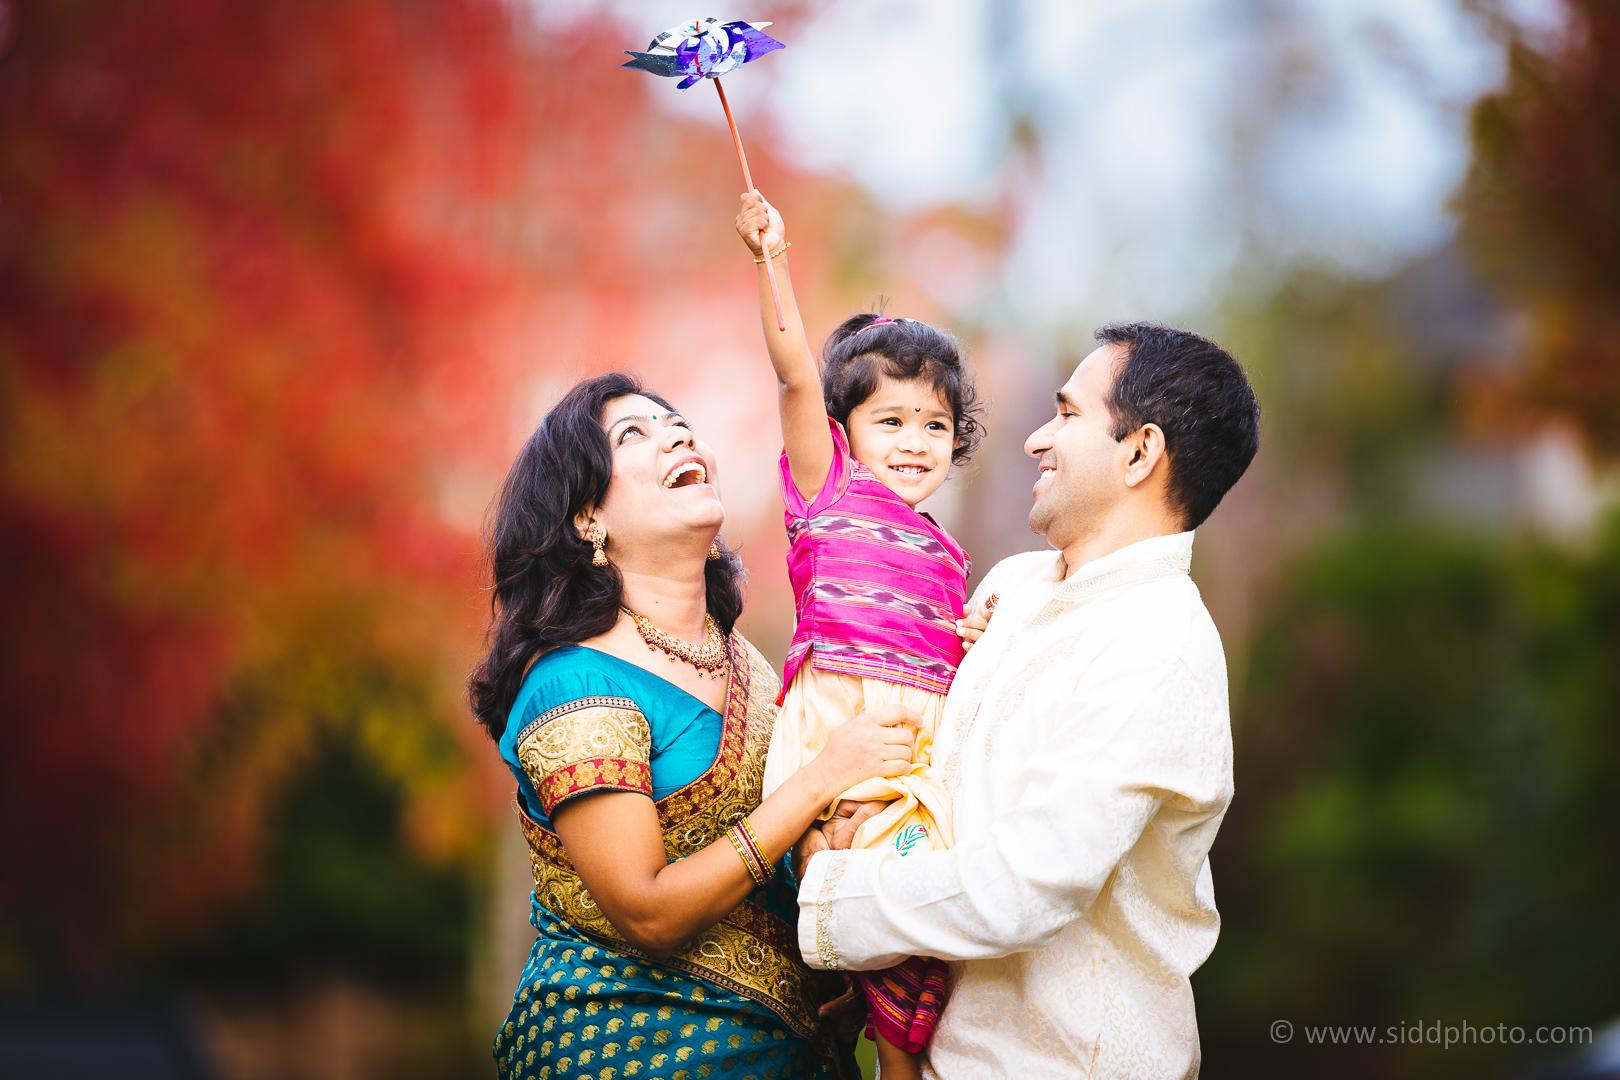 2014-10-24 - 2014-10-25 - Mugdha Aniruddha Family - _O5C7742